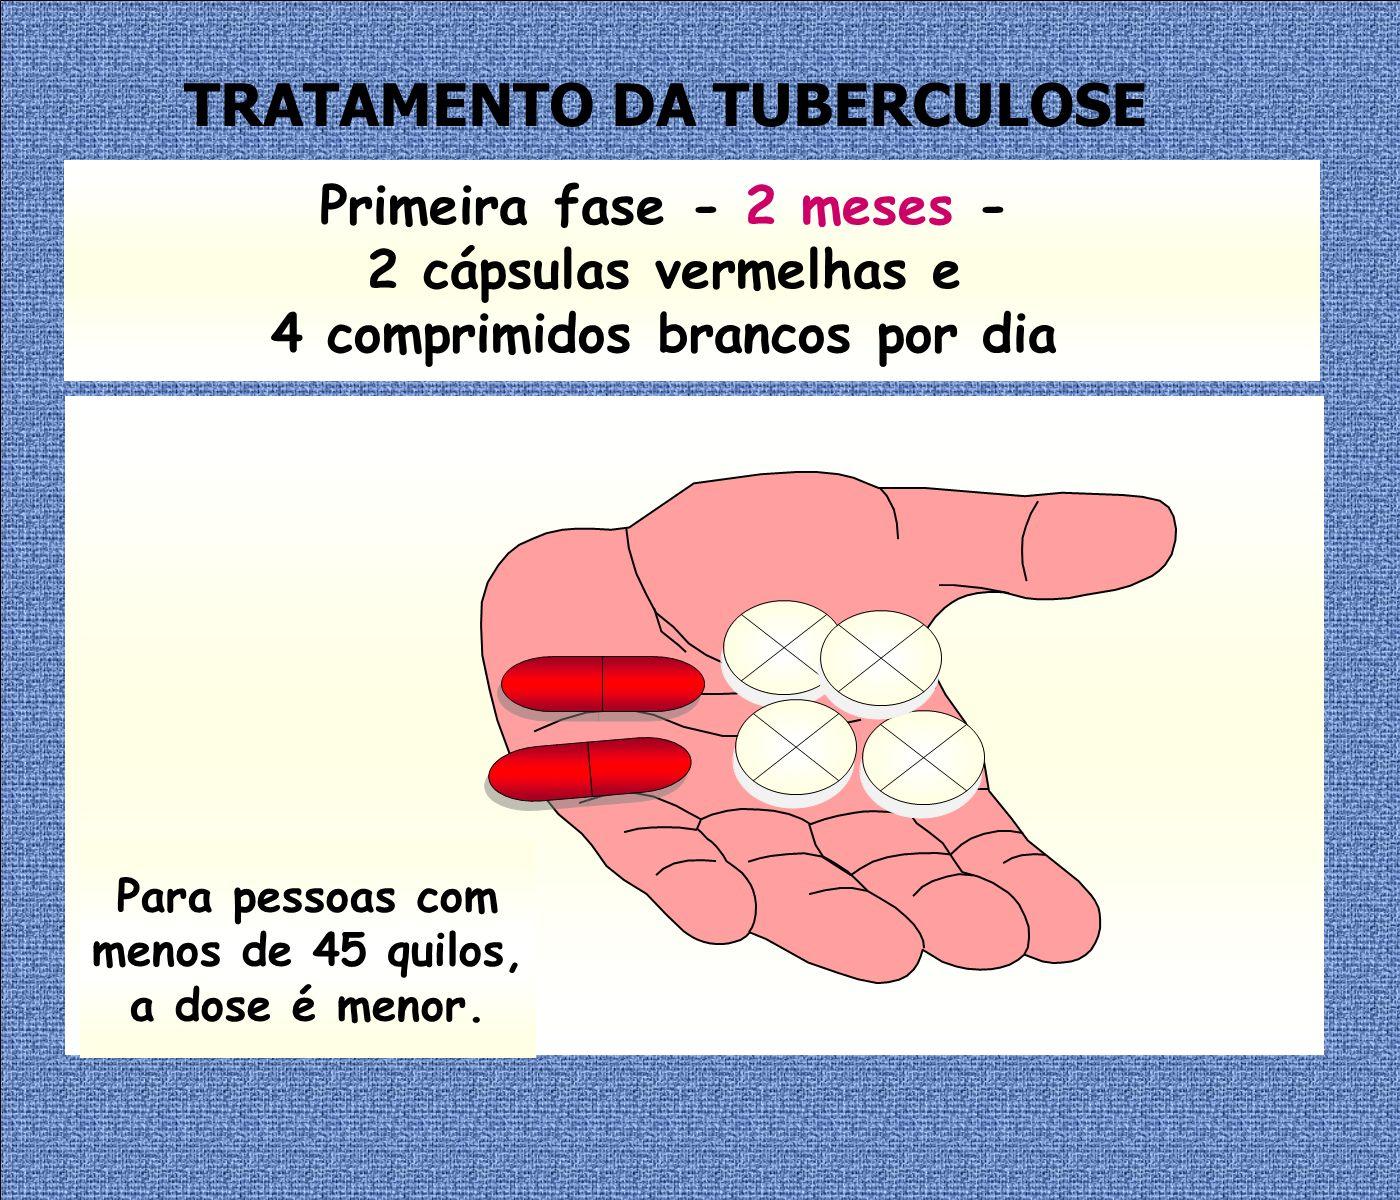 Primeira fase - 2 meses - 2 cápsulas vermelhas e 4 comprimidos brancos por dia Para pessoas com menos de 45 quilos, a dose é menor.